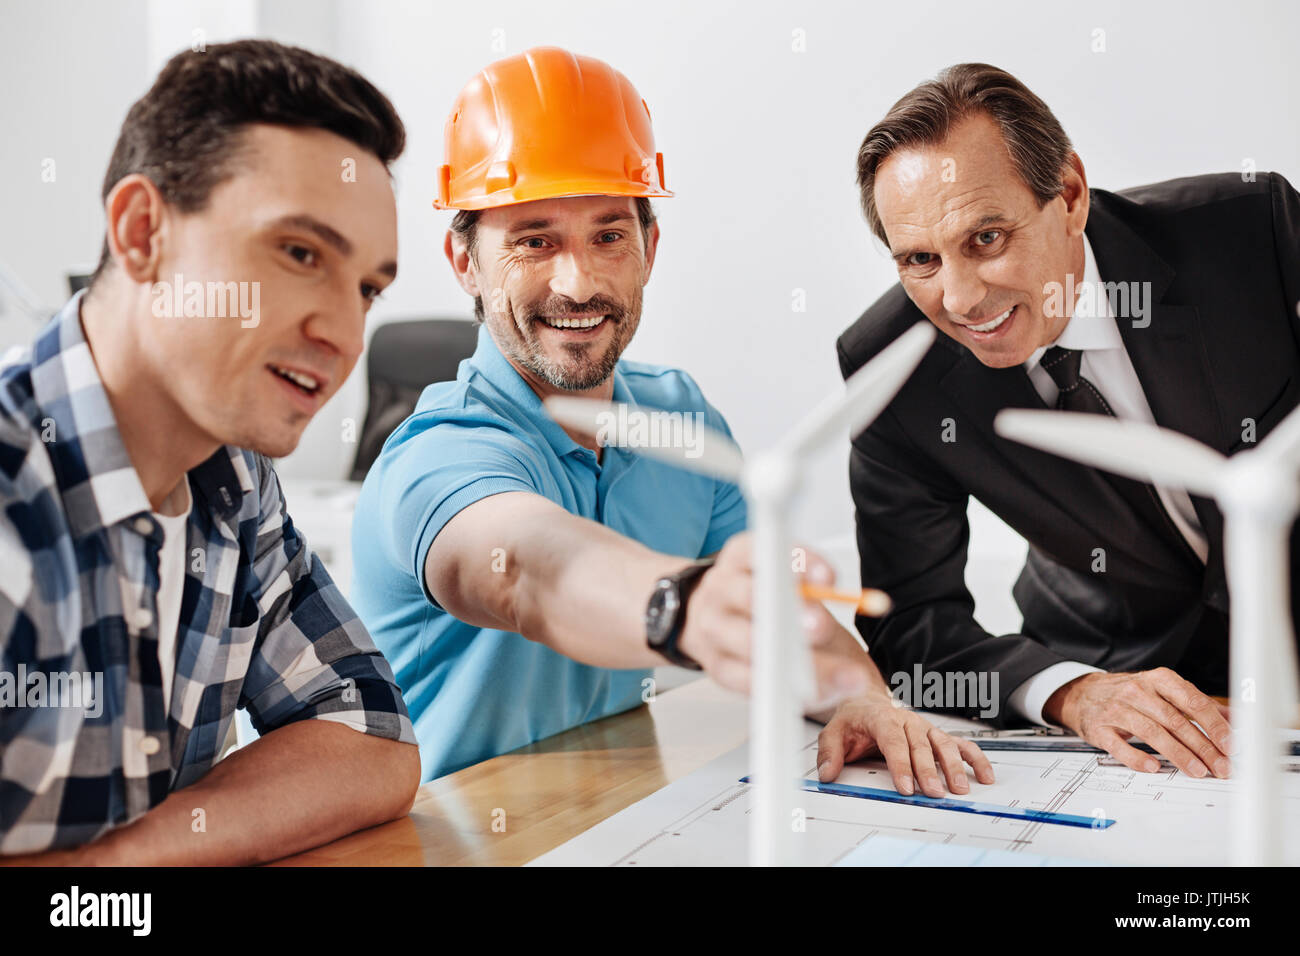 Brillante idea. Setole piacevole uomo in un elmetto puntando a una turbina eolica mentre i suoi colleghi seduti Immagini Stock